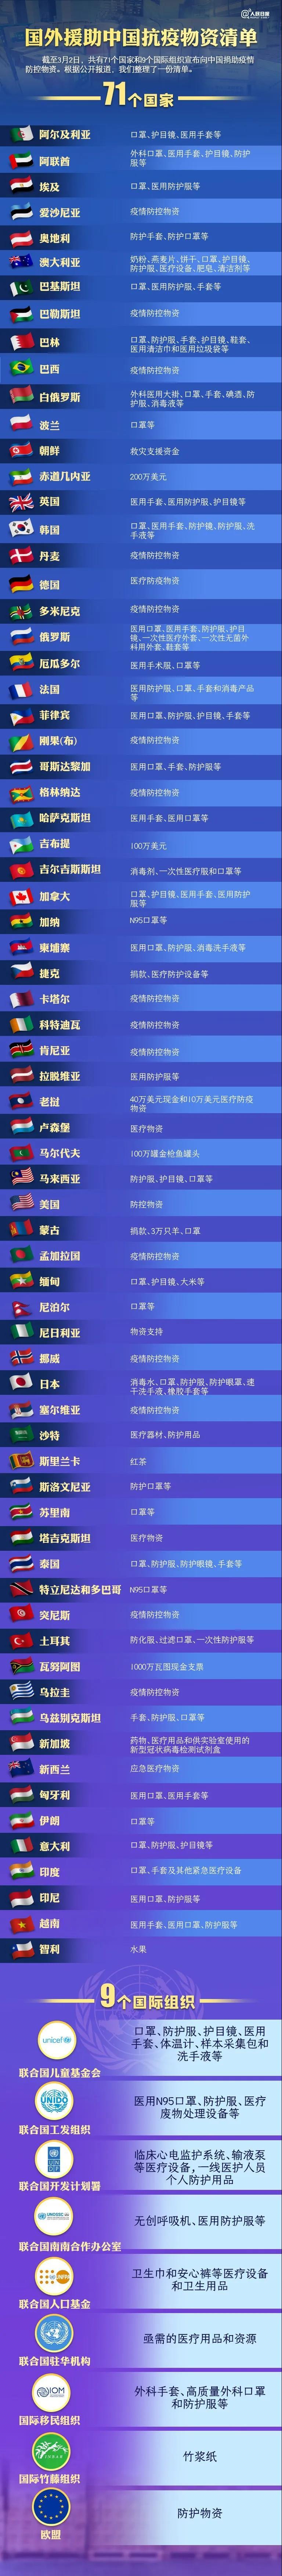 患難見真情!國外援助中國抗疫物資清單